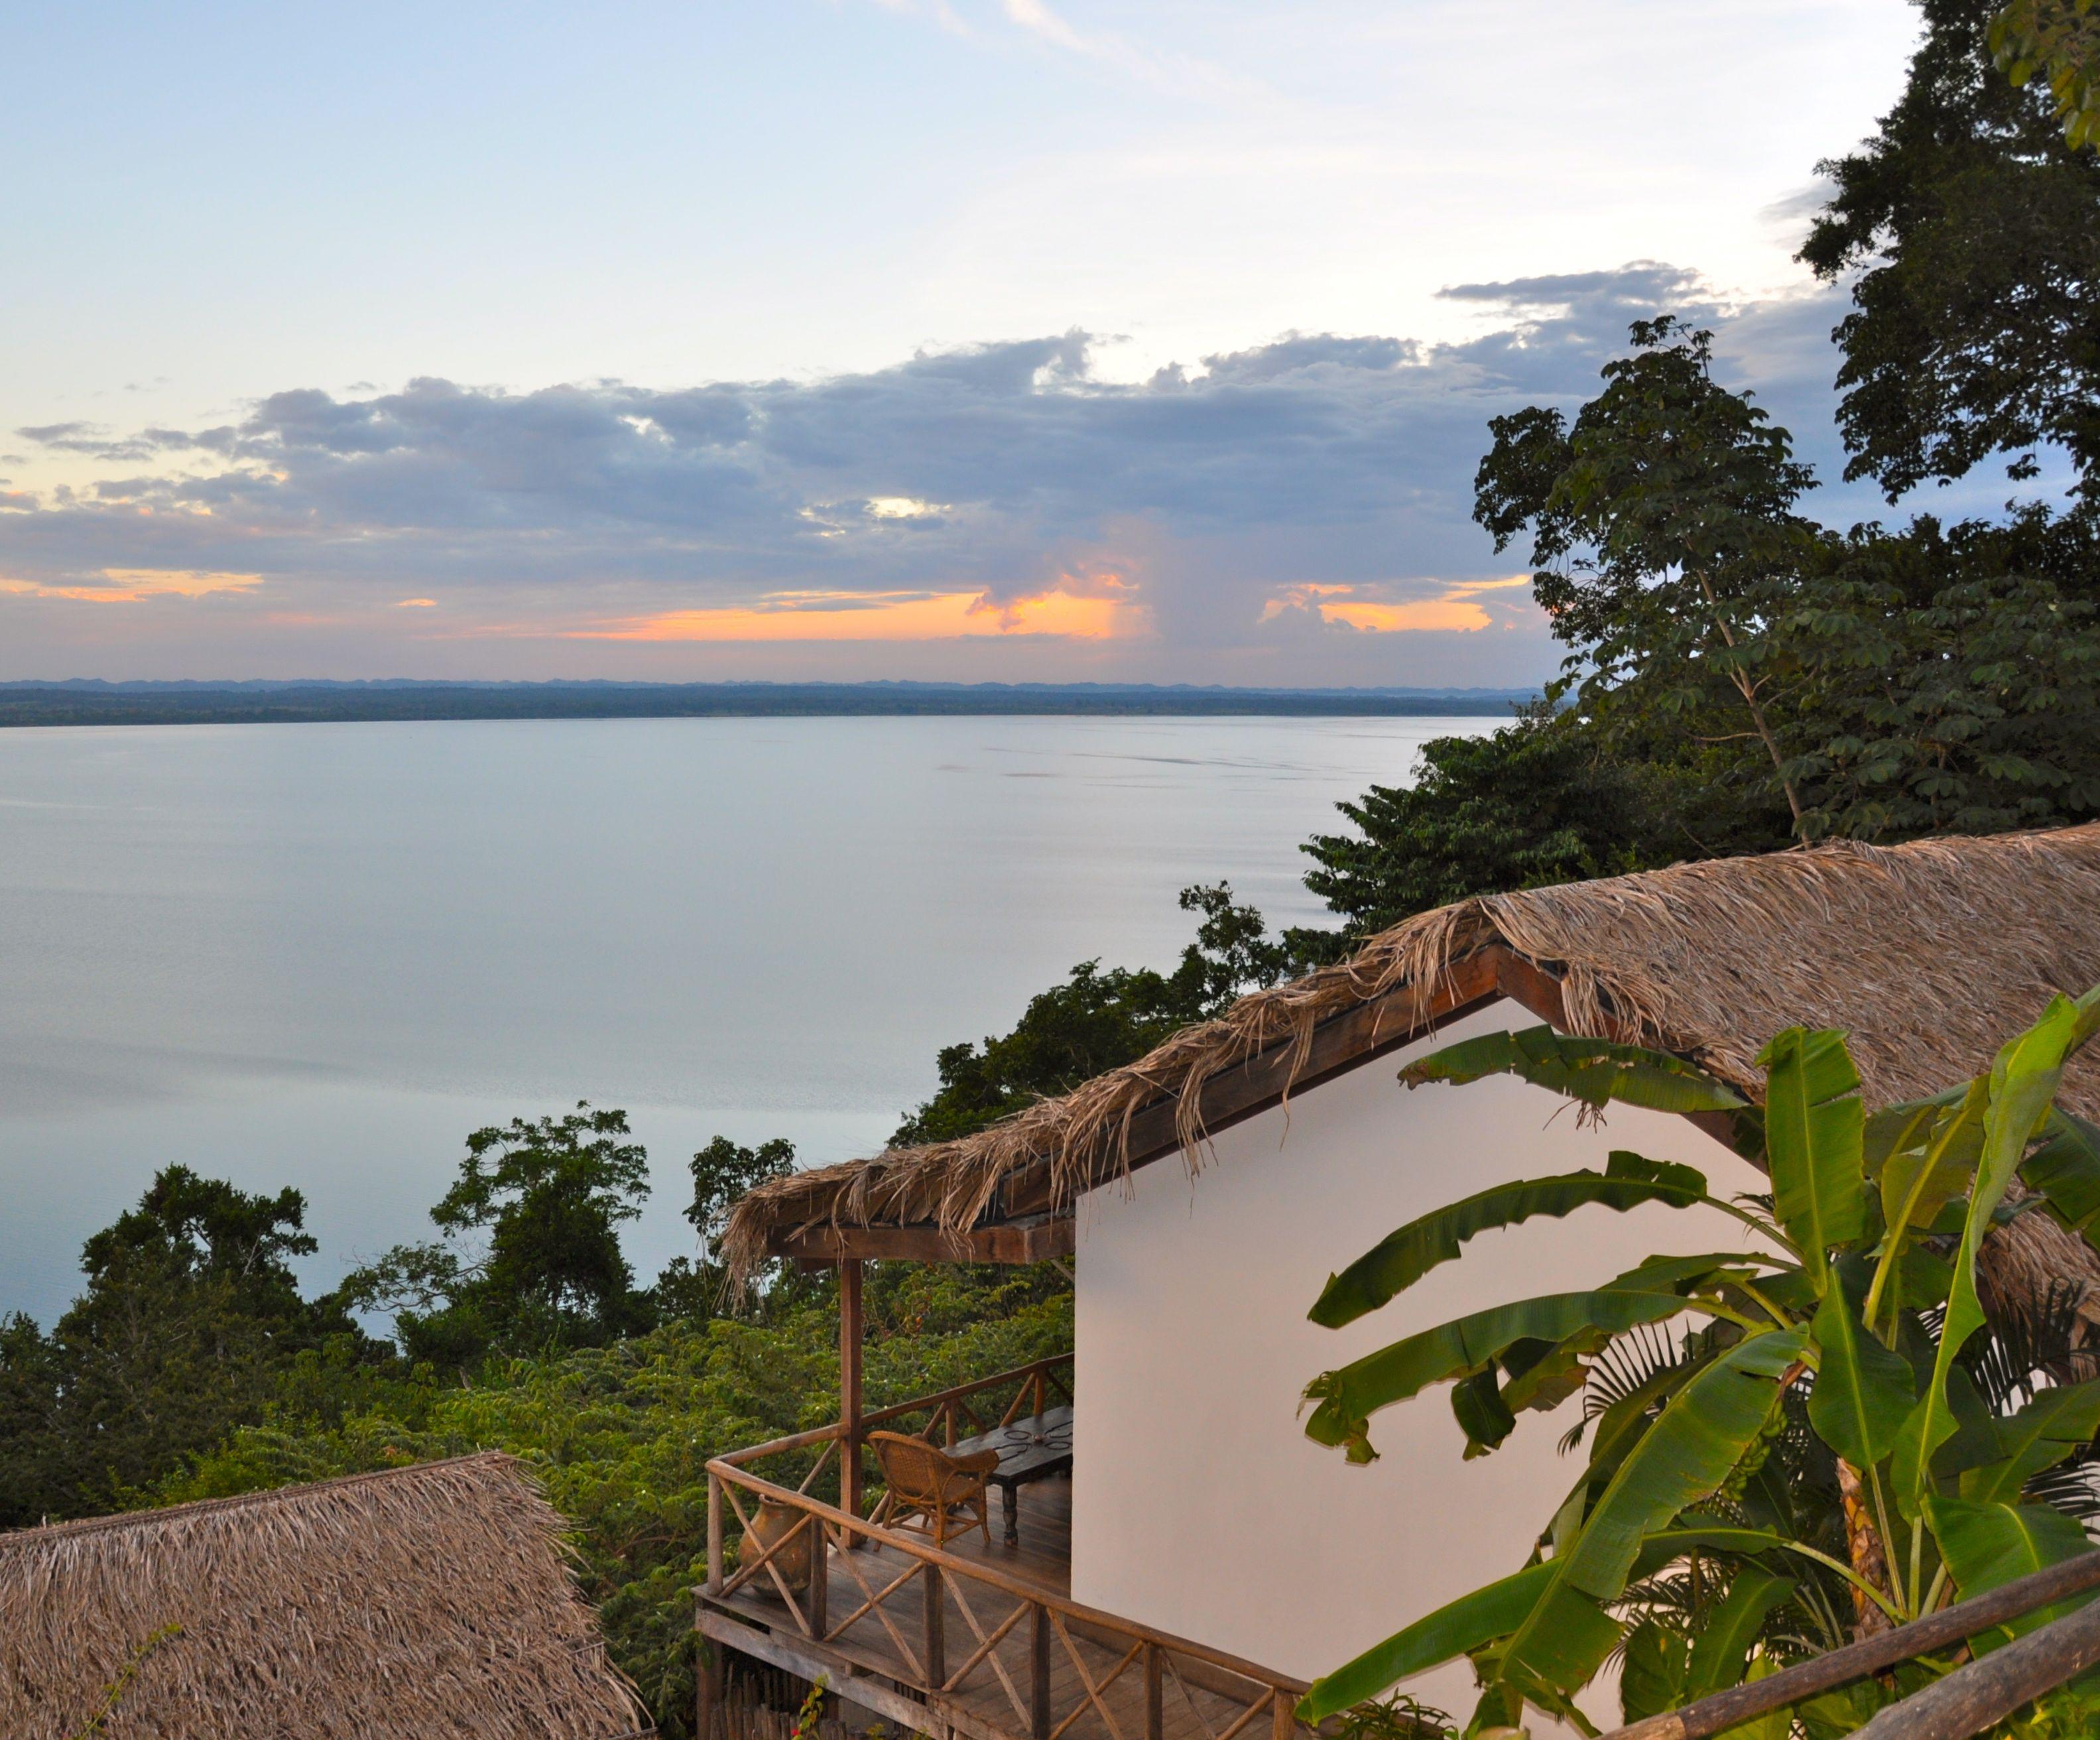 Cabana at La Lancha, Guatemala